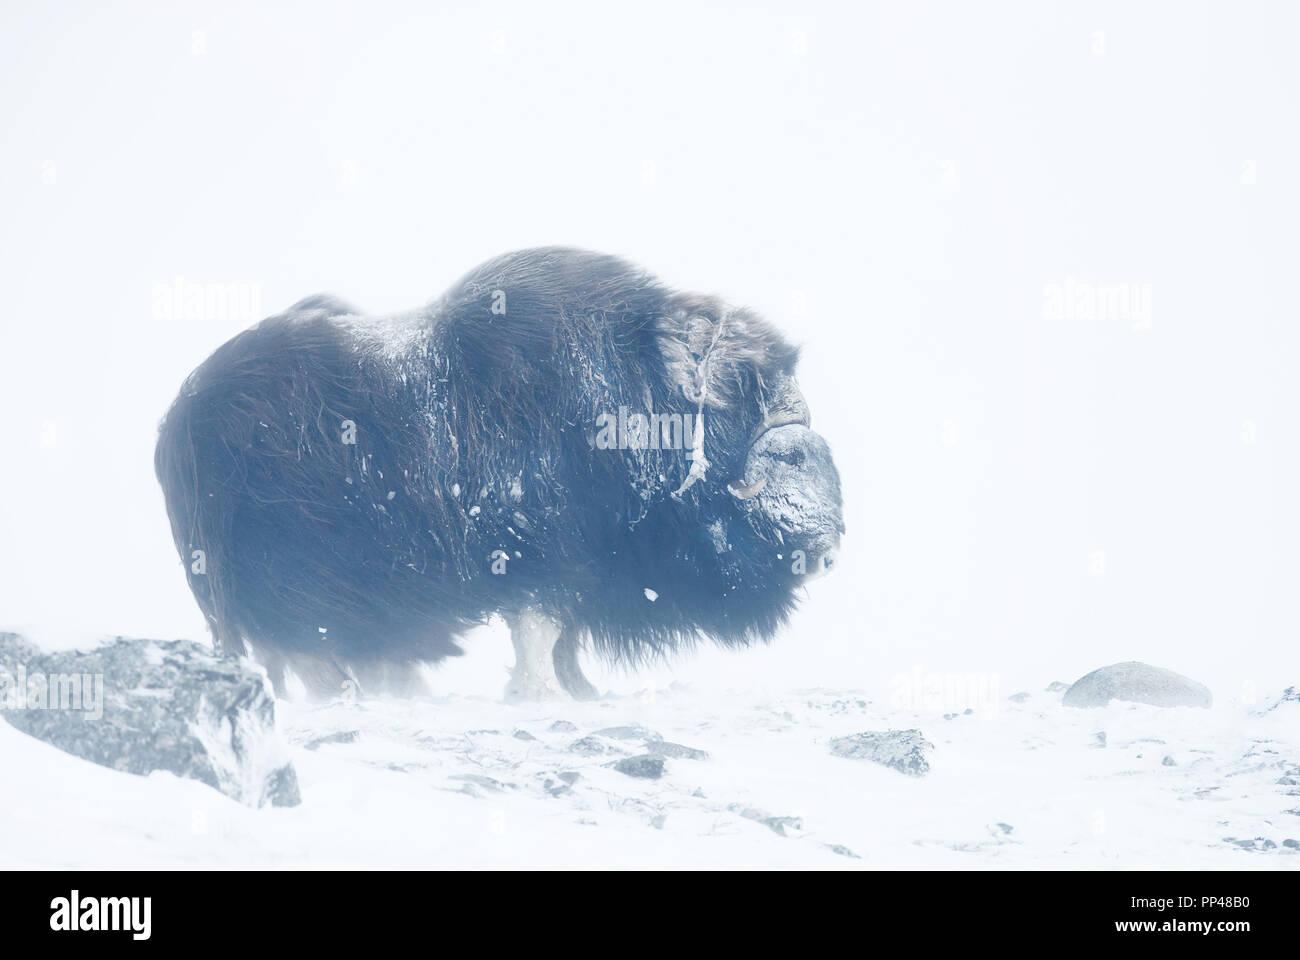 Cerca de un buey almizclero de pie en la nieve en un invierno muy frío día. Foto de stock